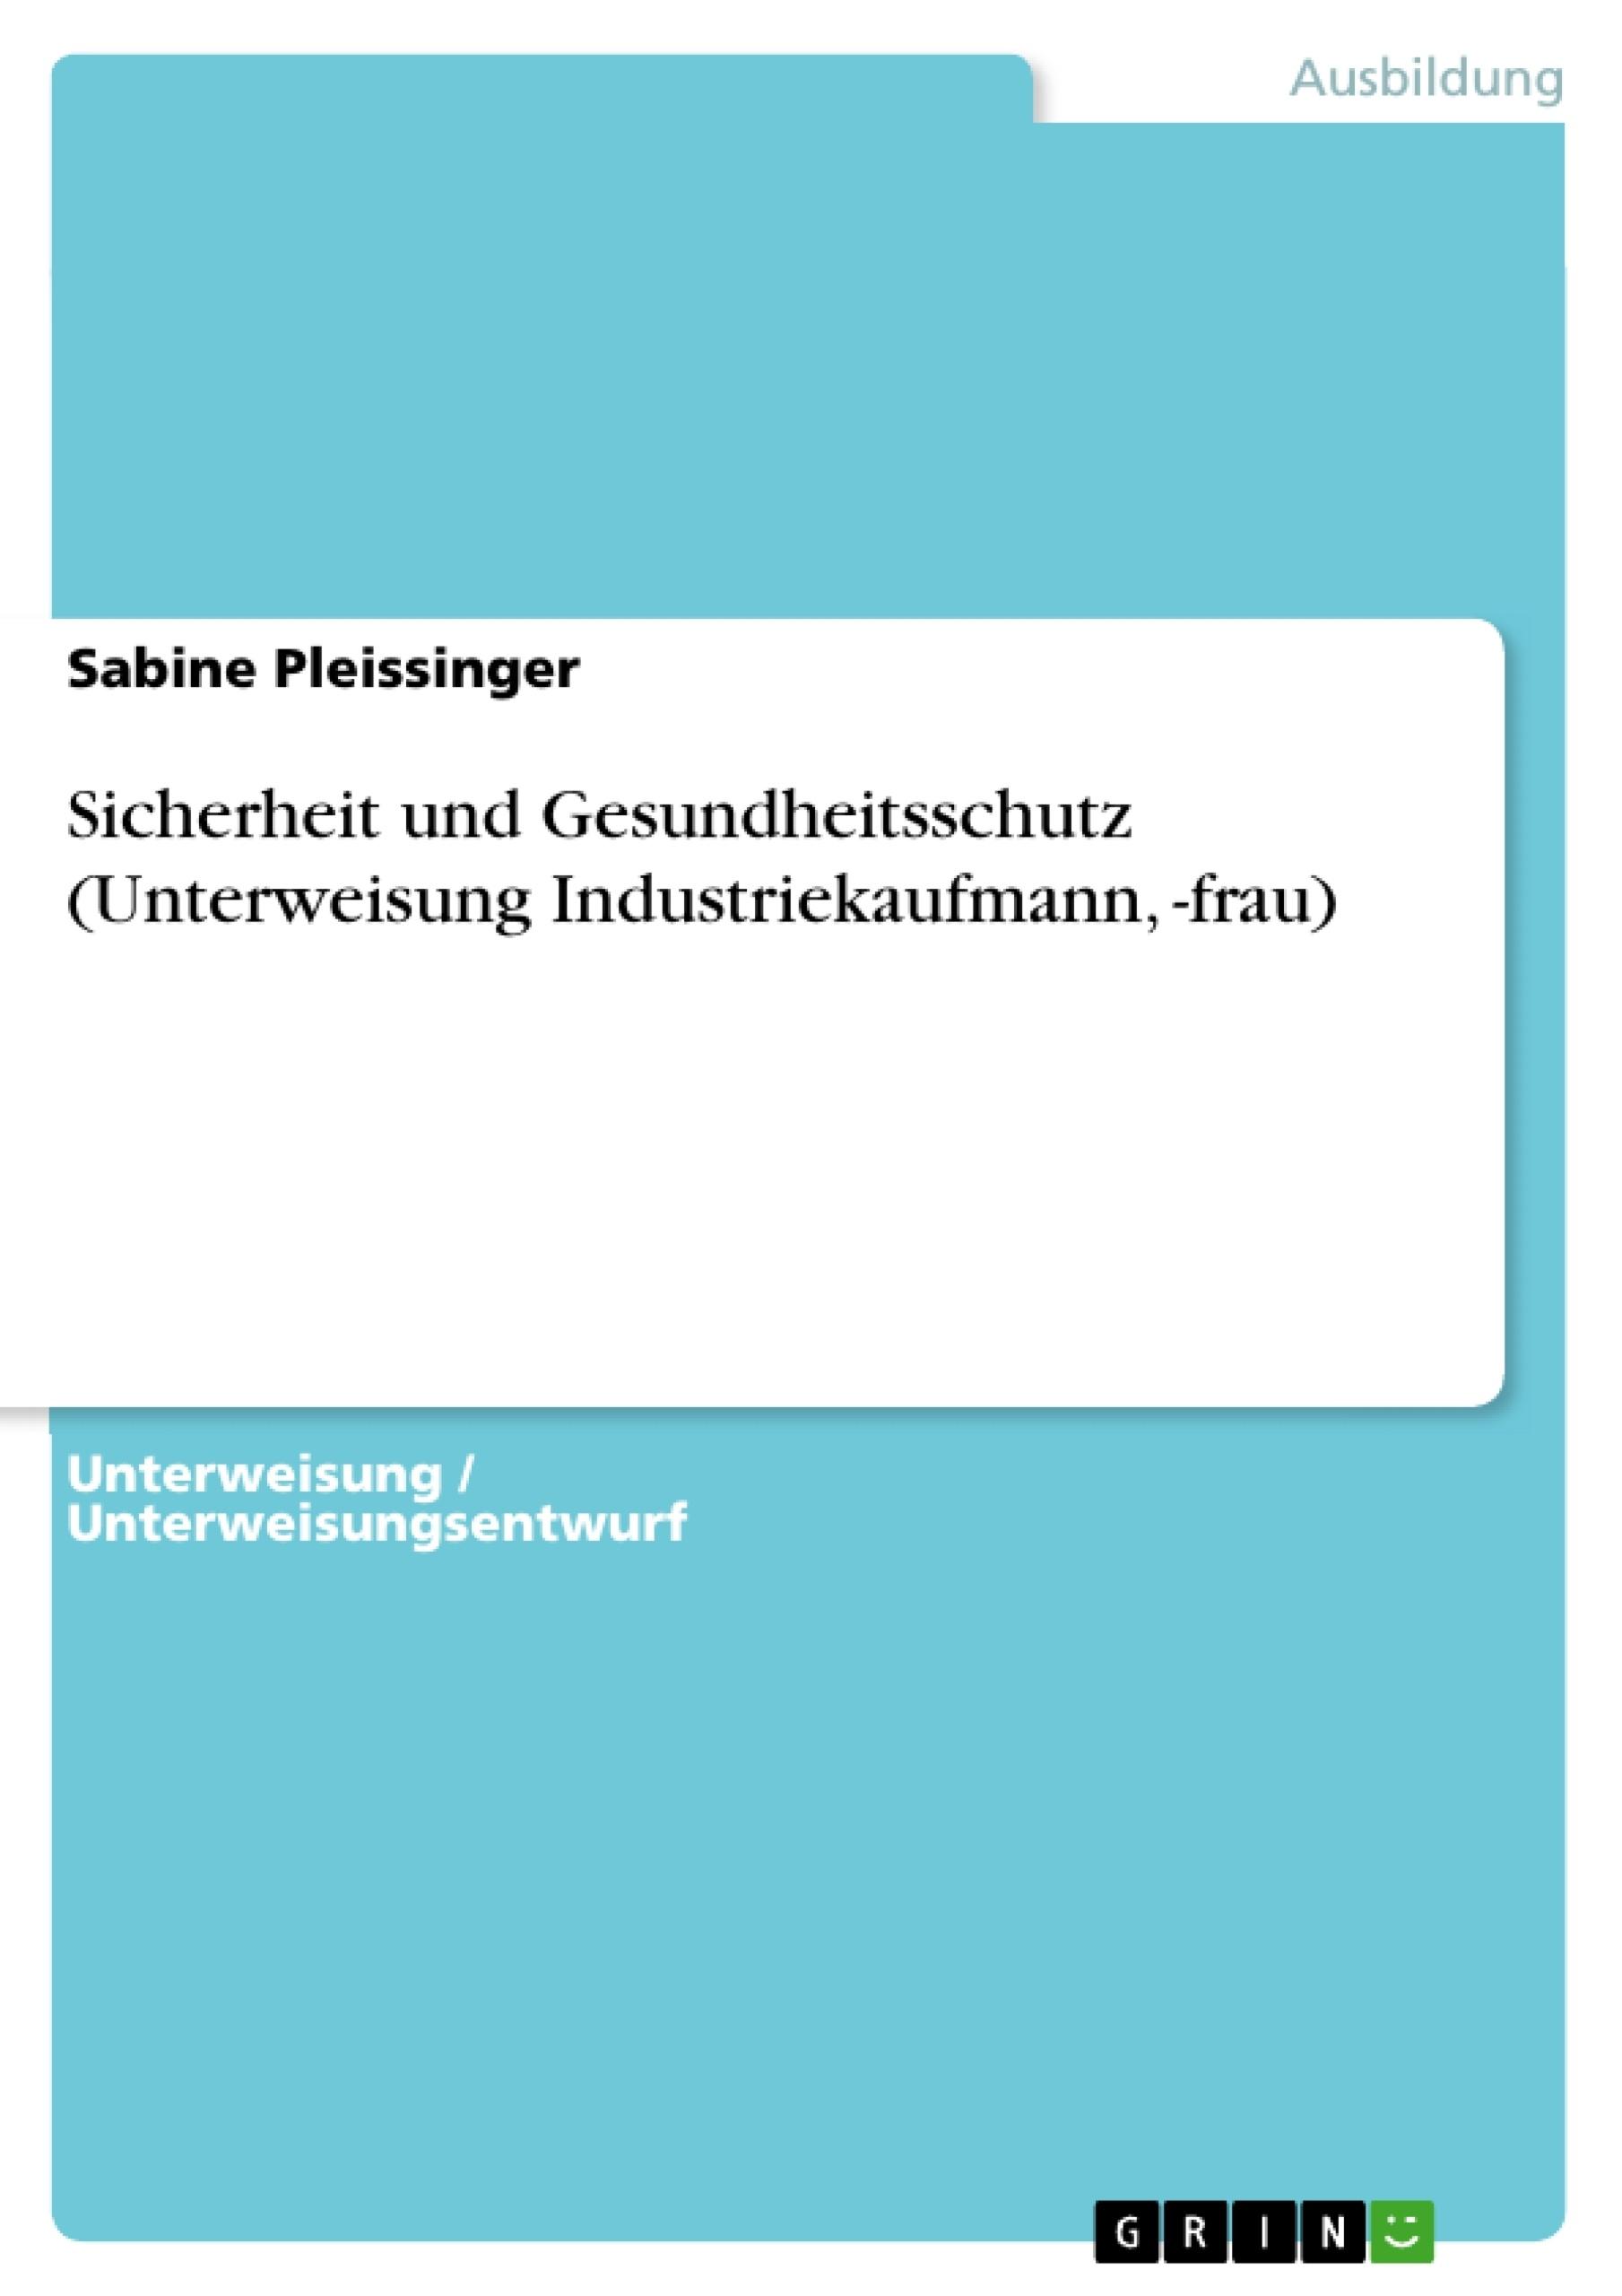 Titel: Sicherheit und Gesundheitsschutz (Unterweisung Industriekaufmann, -frau)